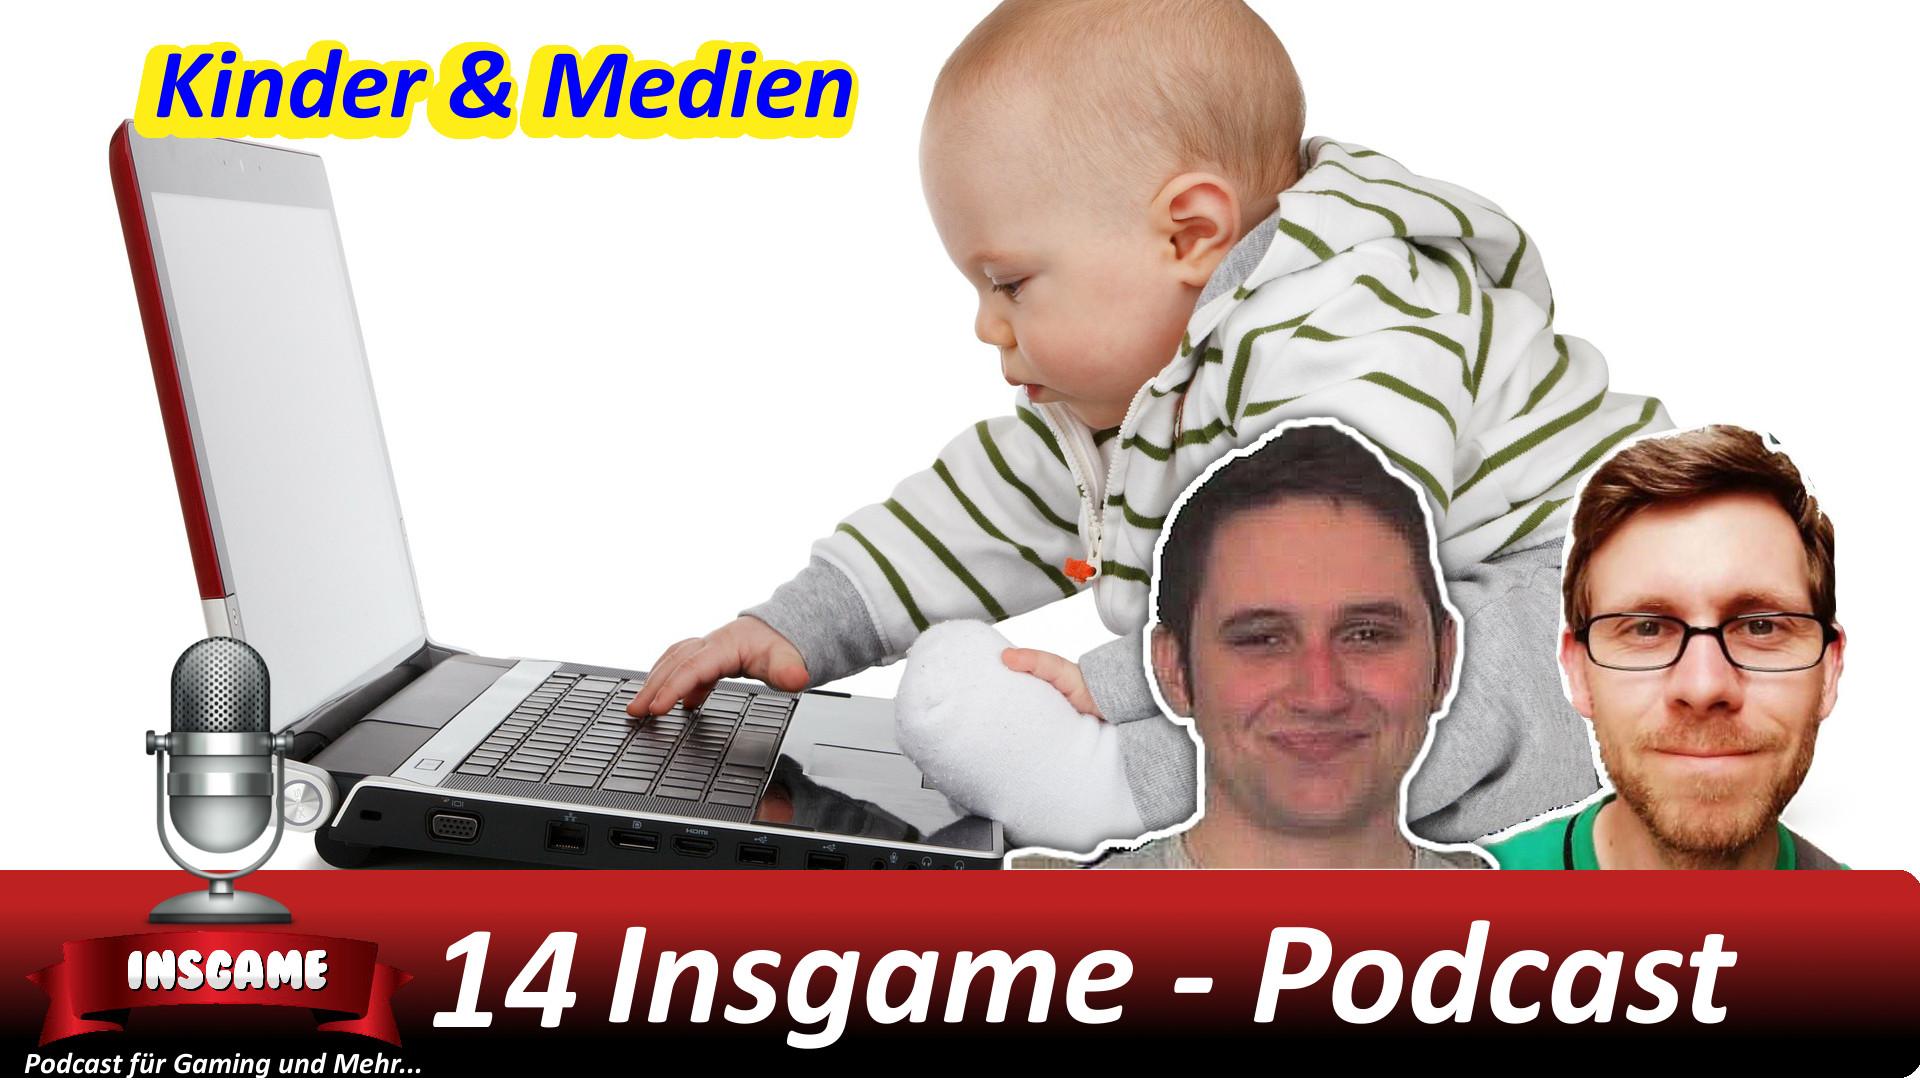 Insgame #014 Podcast für Gaming und Mehr Kinder & Medien